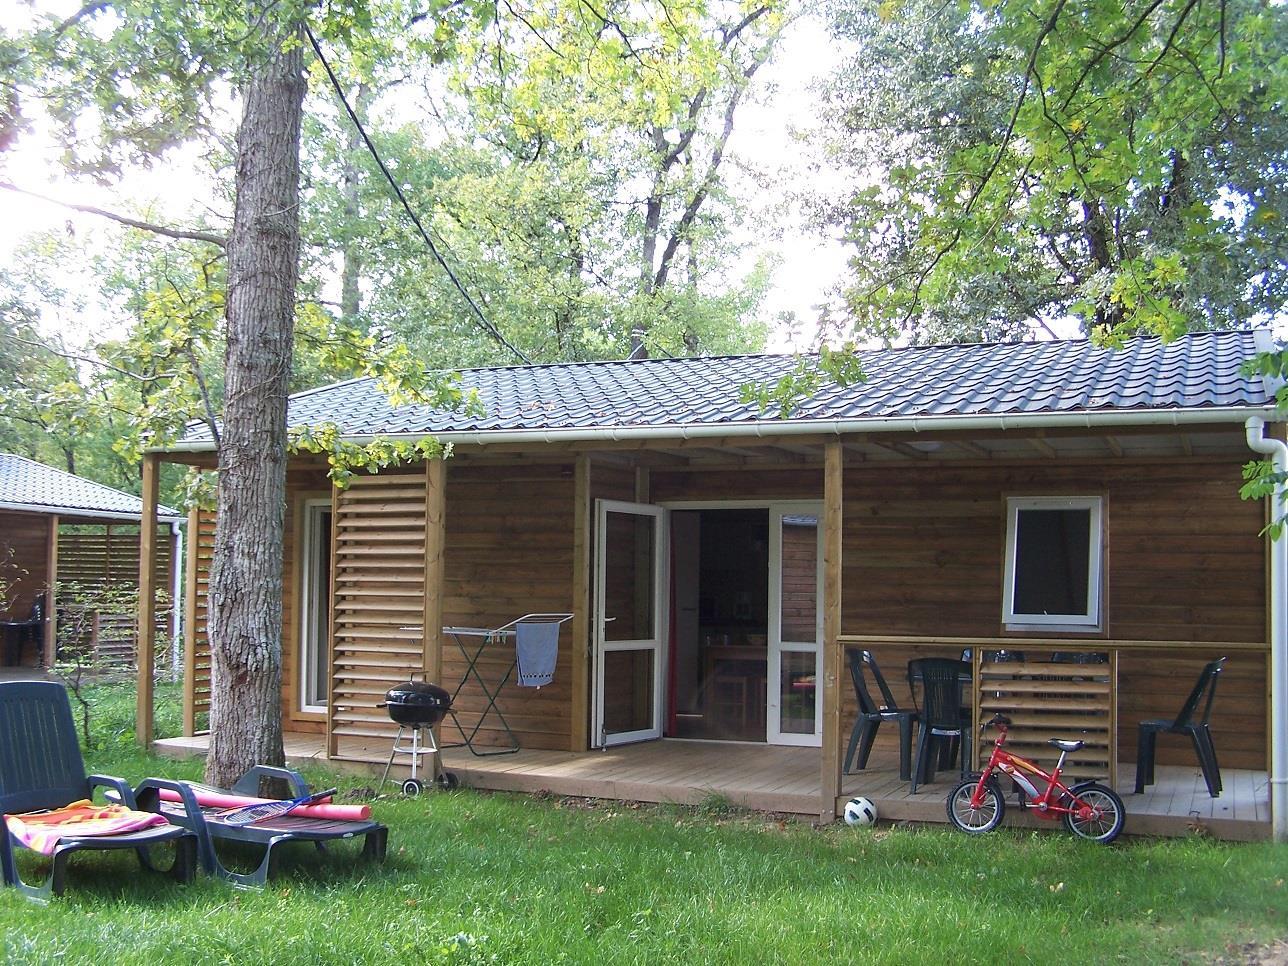 Location - Chalet - 3 Chambres - 1 Salle De Bain - Vue Sur Lac - Camping Castel Parc de Fierbois